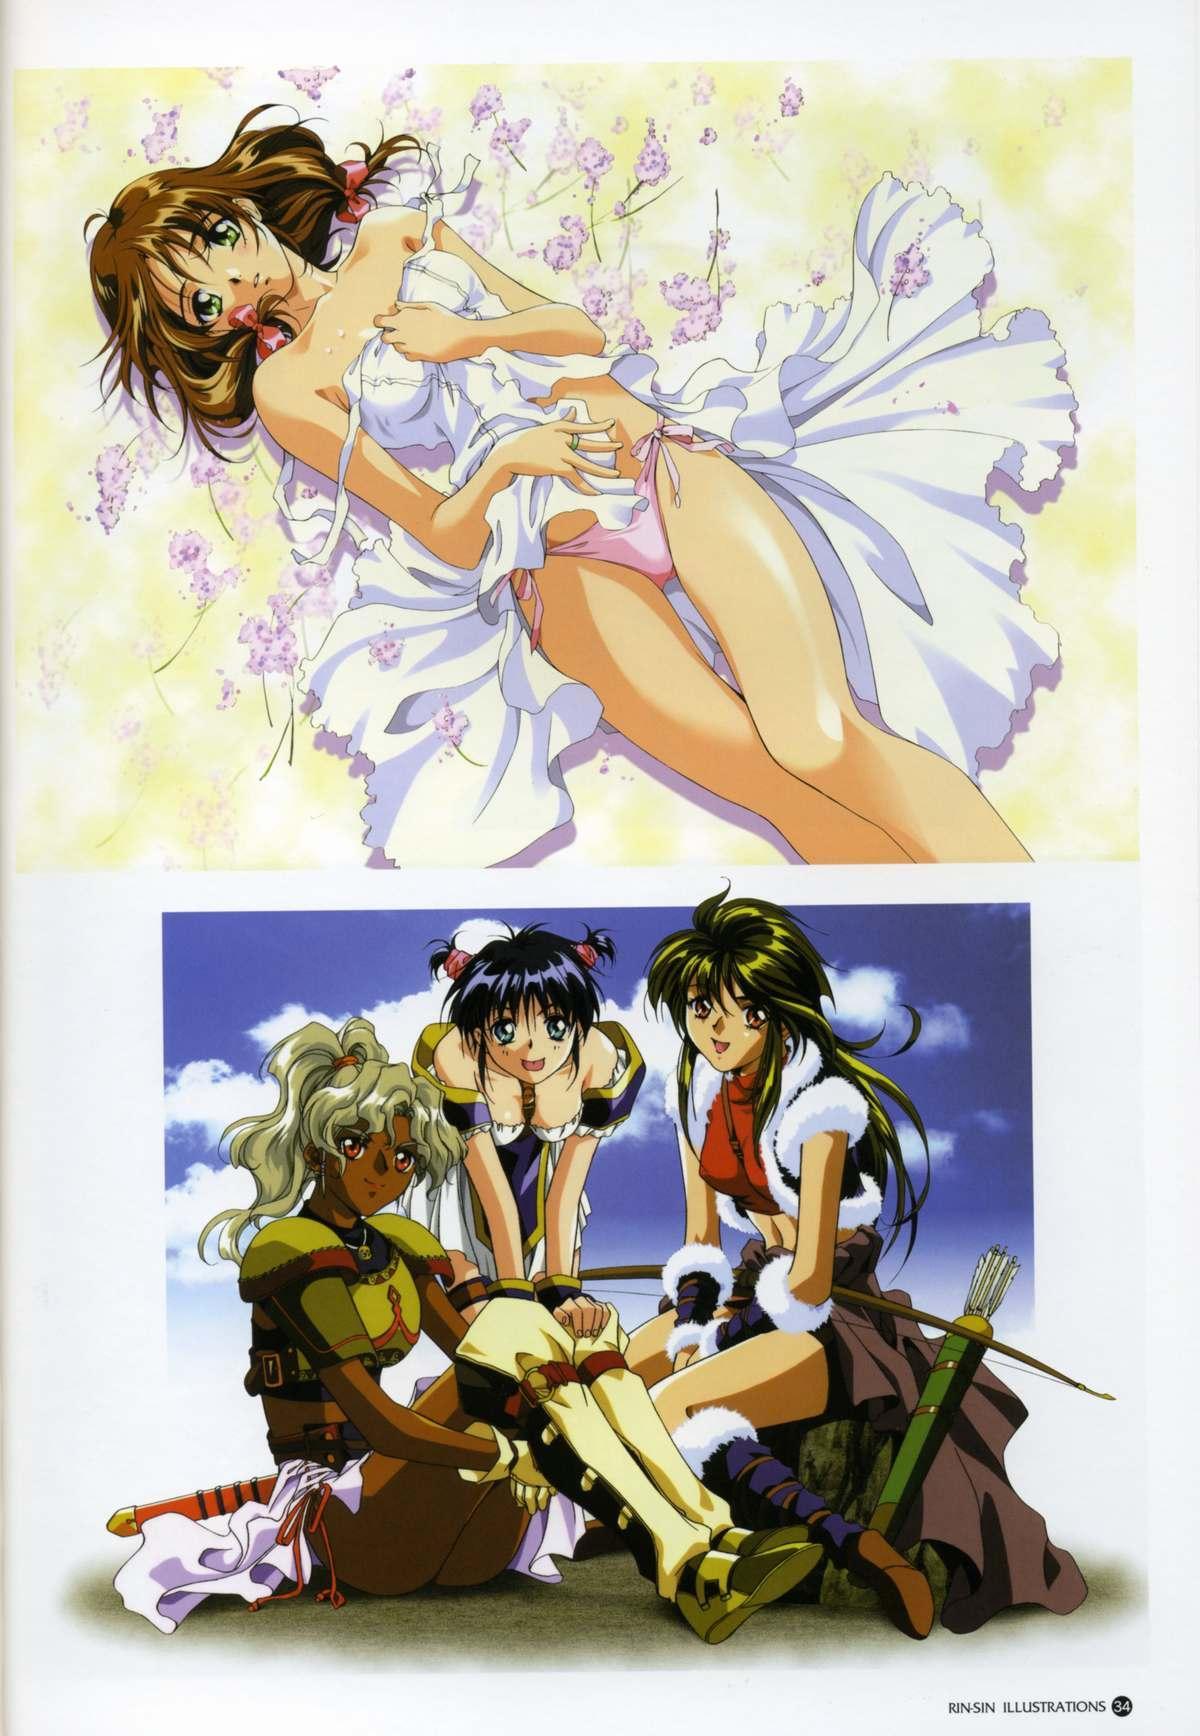 Rin Sin ILLUSTRATIONS 73